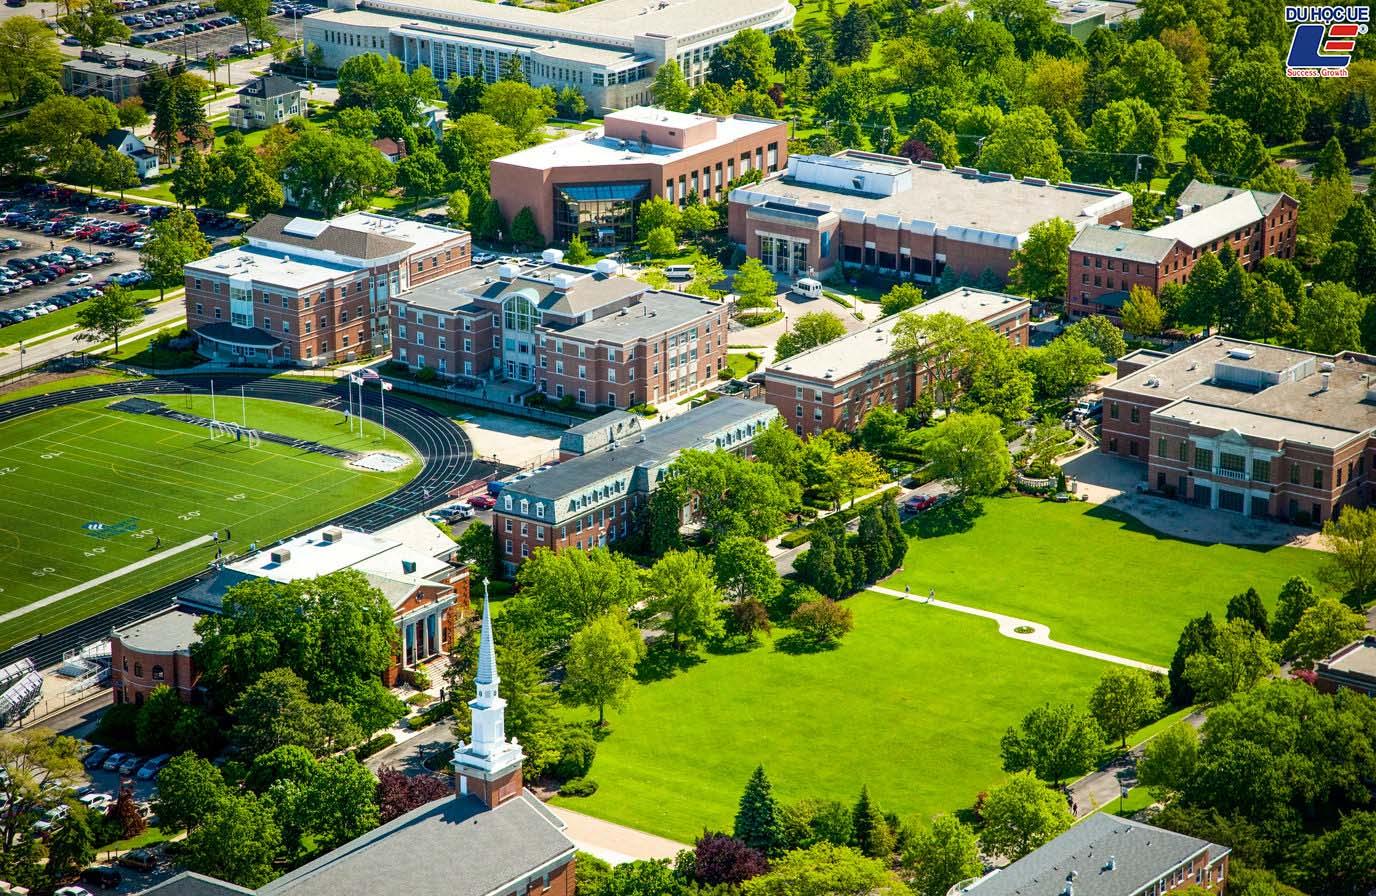 Rinh ngay học bổng $20.000 từ Elmhurst College - Sự lựa chọn hoàn hảo cho những ai muốn chinh phục học bổng du học Mỹ 2